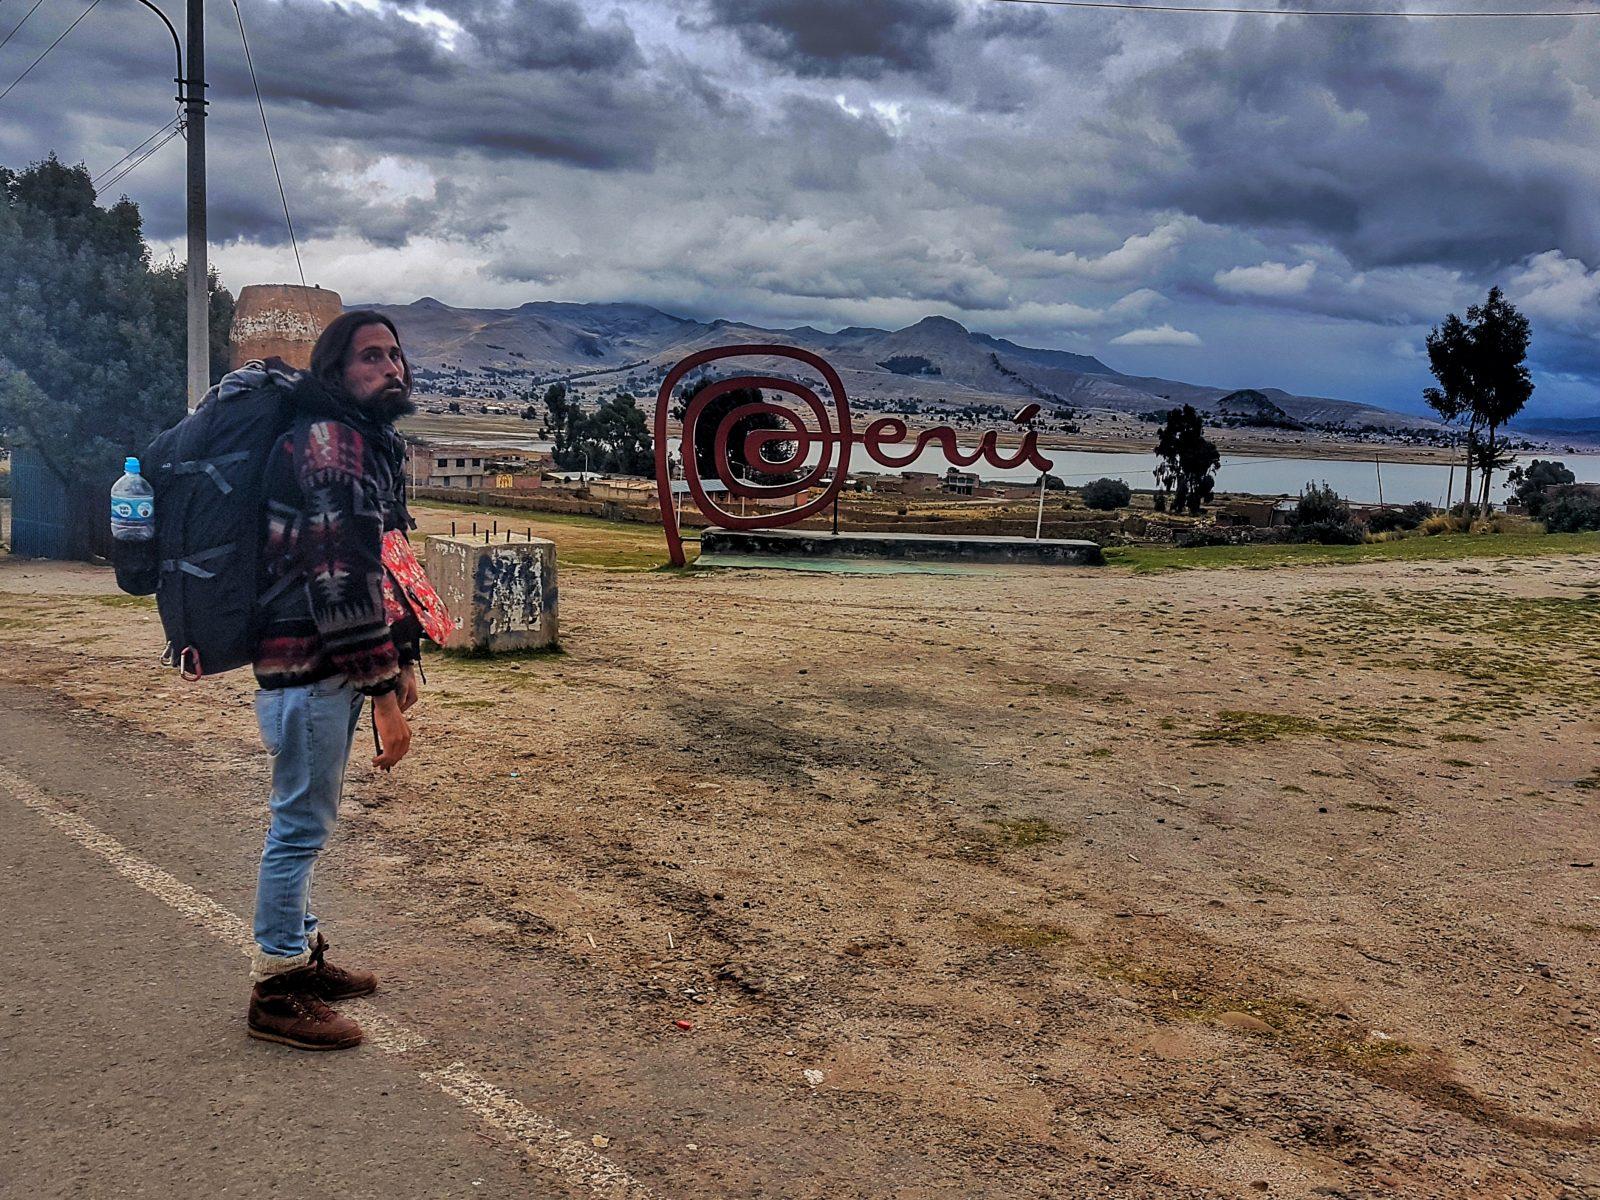 """<img src=""""data:image/gif;base64,R0lGODdhAQABAPAAAP///wAAACwAAAAAAQABAEACAkQBADs="""" data-lazy-src=""""images/"""" width=""""800"""" height=""""600"""" alt=""""peru bolivia border crossing - 20171016 165144 01 1 - How To: Peru to Bolivia Border Crossing via Puno"""">"""